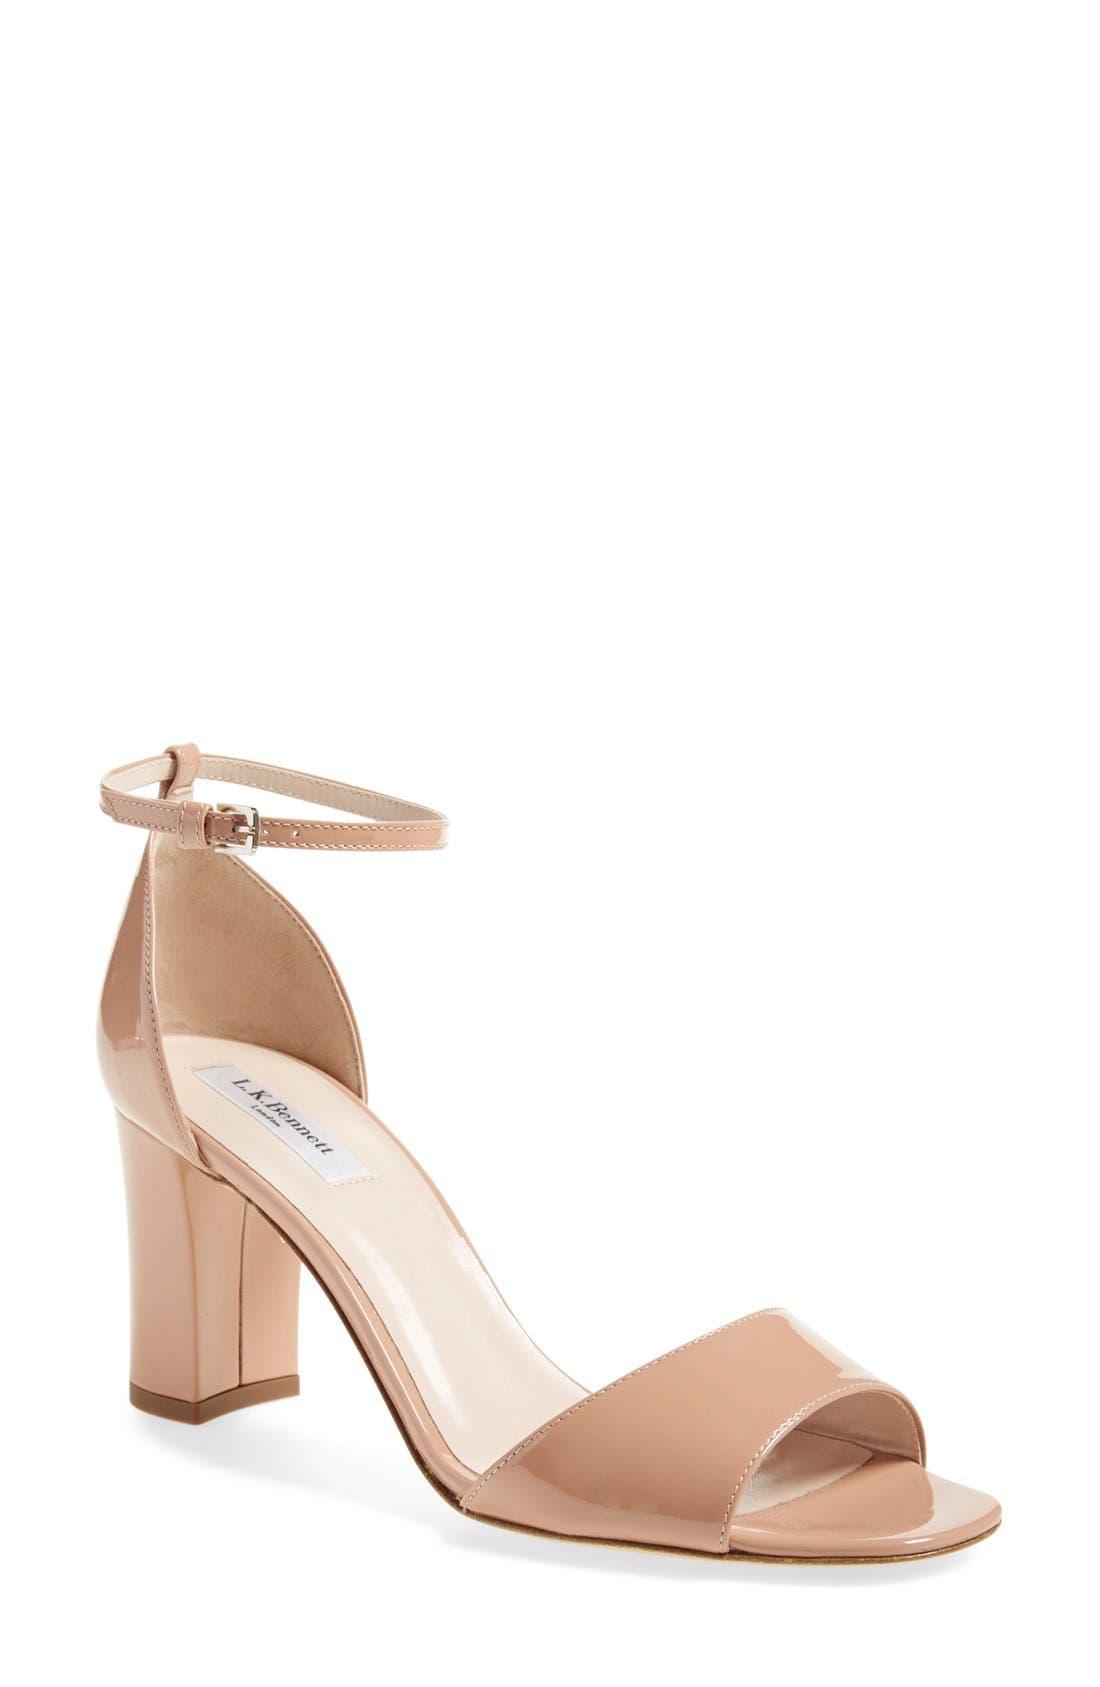 Alternate Image 1 Selected - L.K. Bennett 'Helena' Ankle Strap Block Heel Sandal (Women)